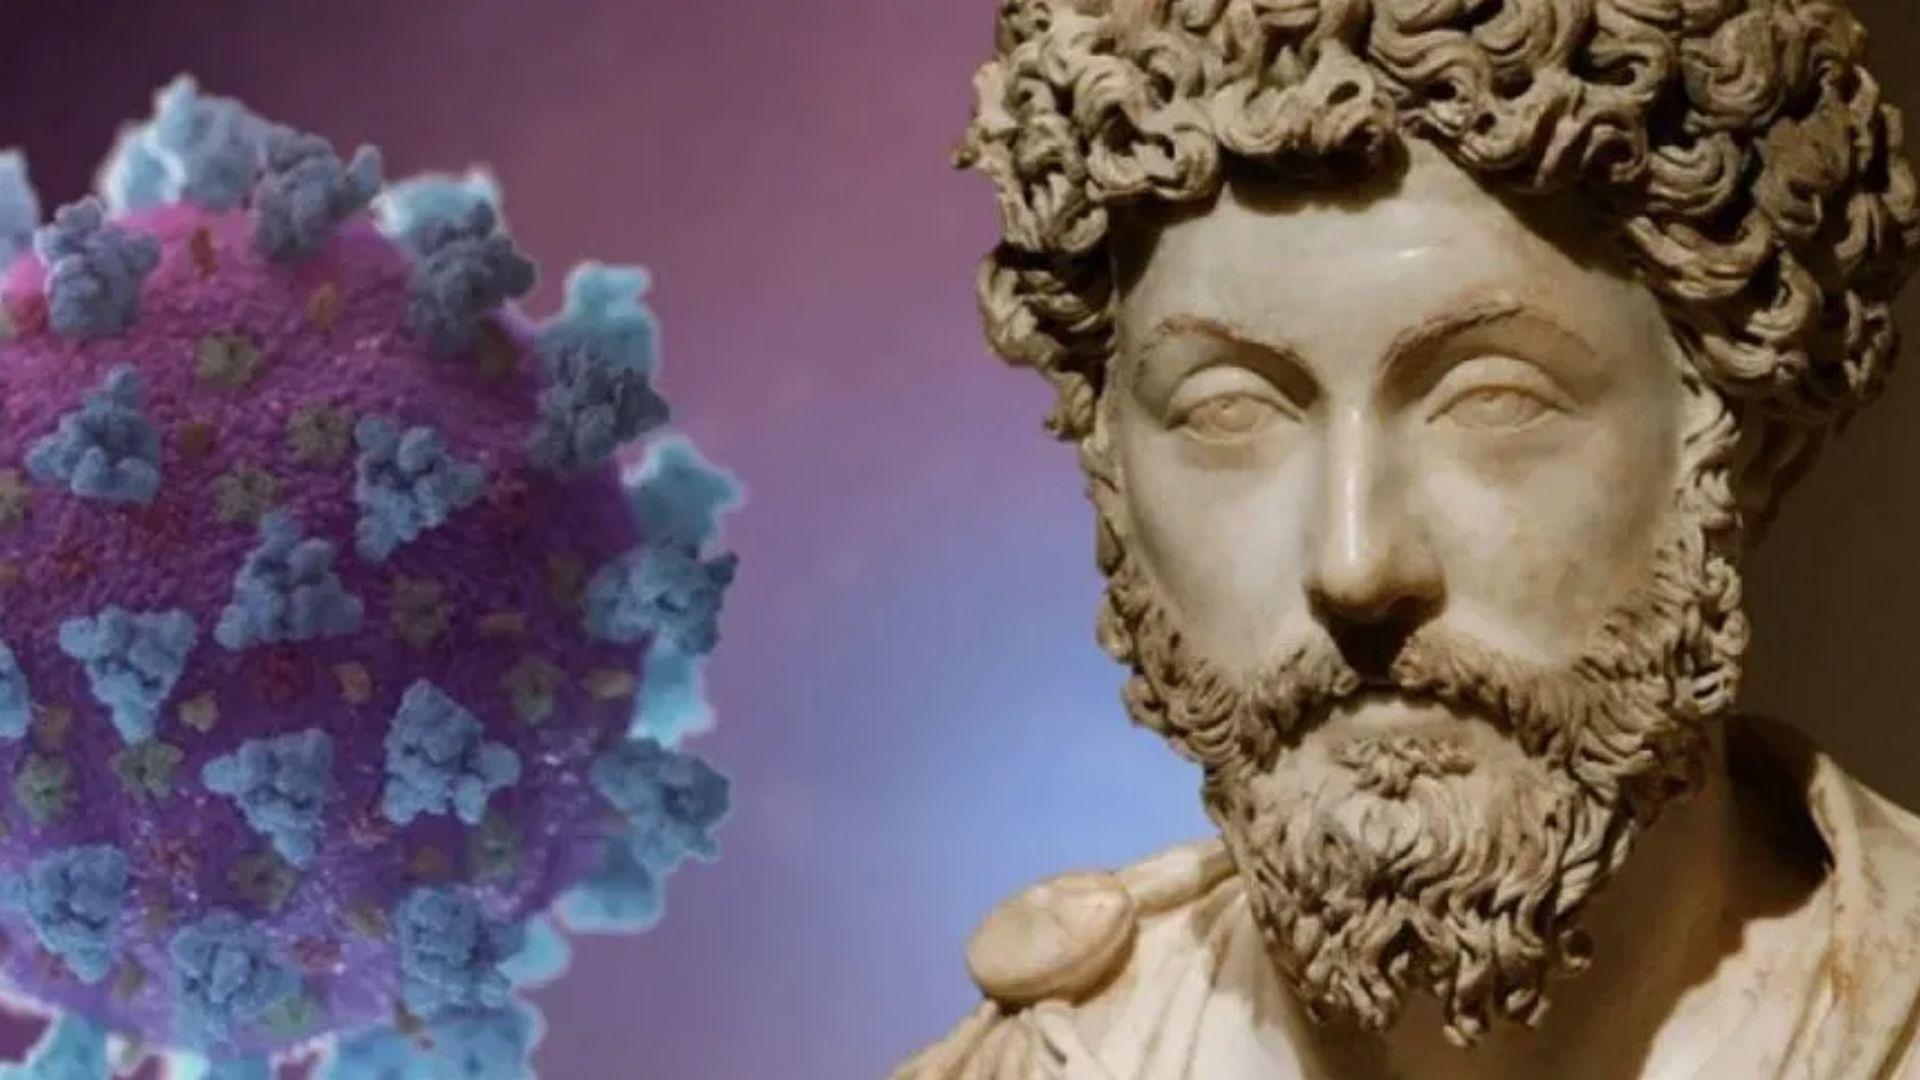 «Pestes» Antoninas. Años 165 -190. La primera pandemia de la Historia tuvo lugar cuando diversas pestes se propagaron bajo el reinado de los Antoninos por el Imperio romano.